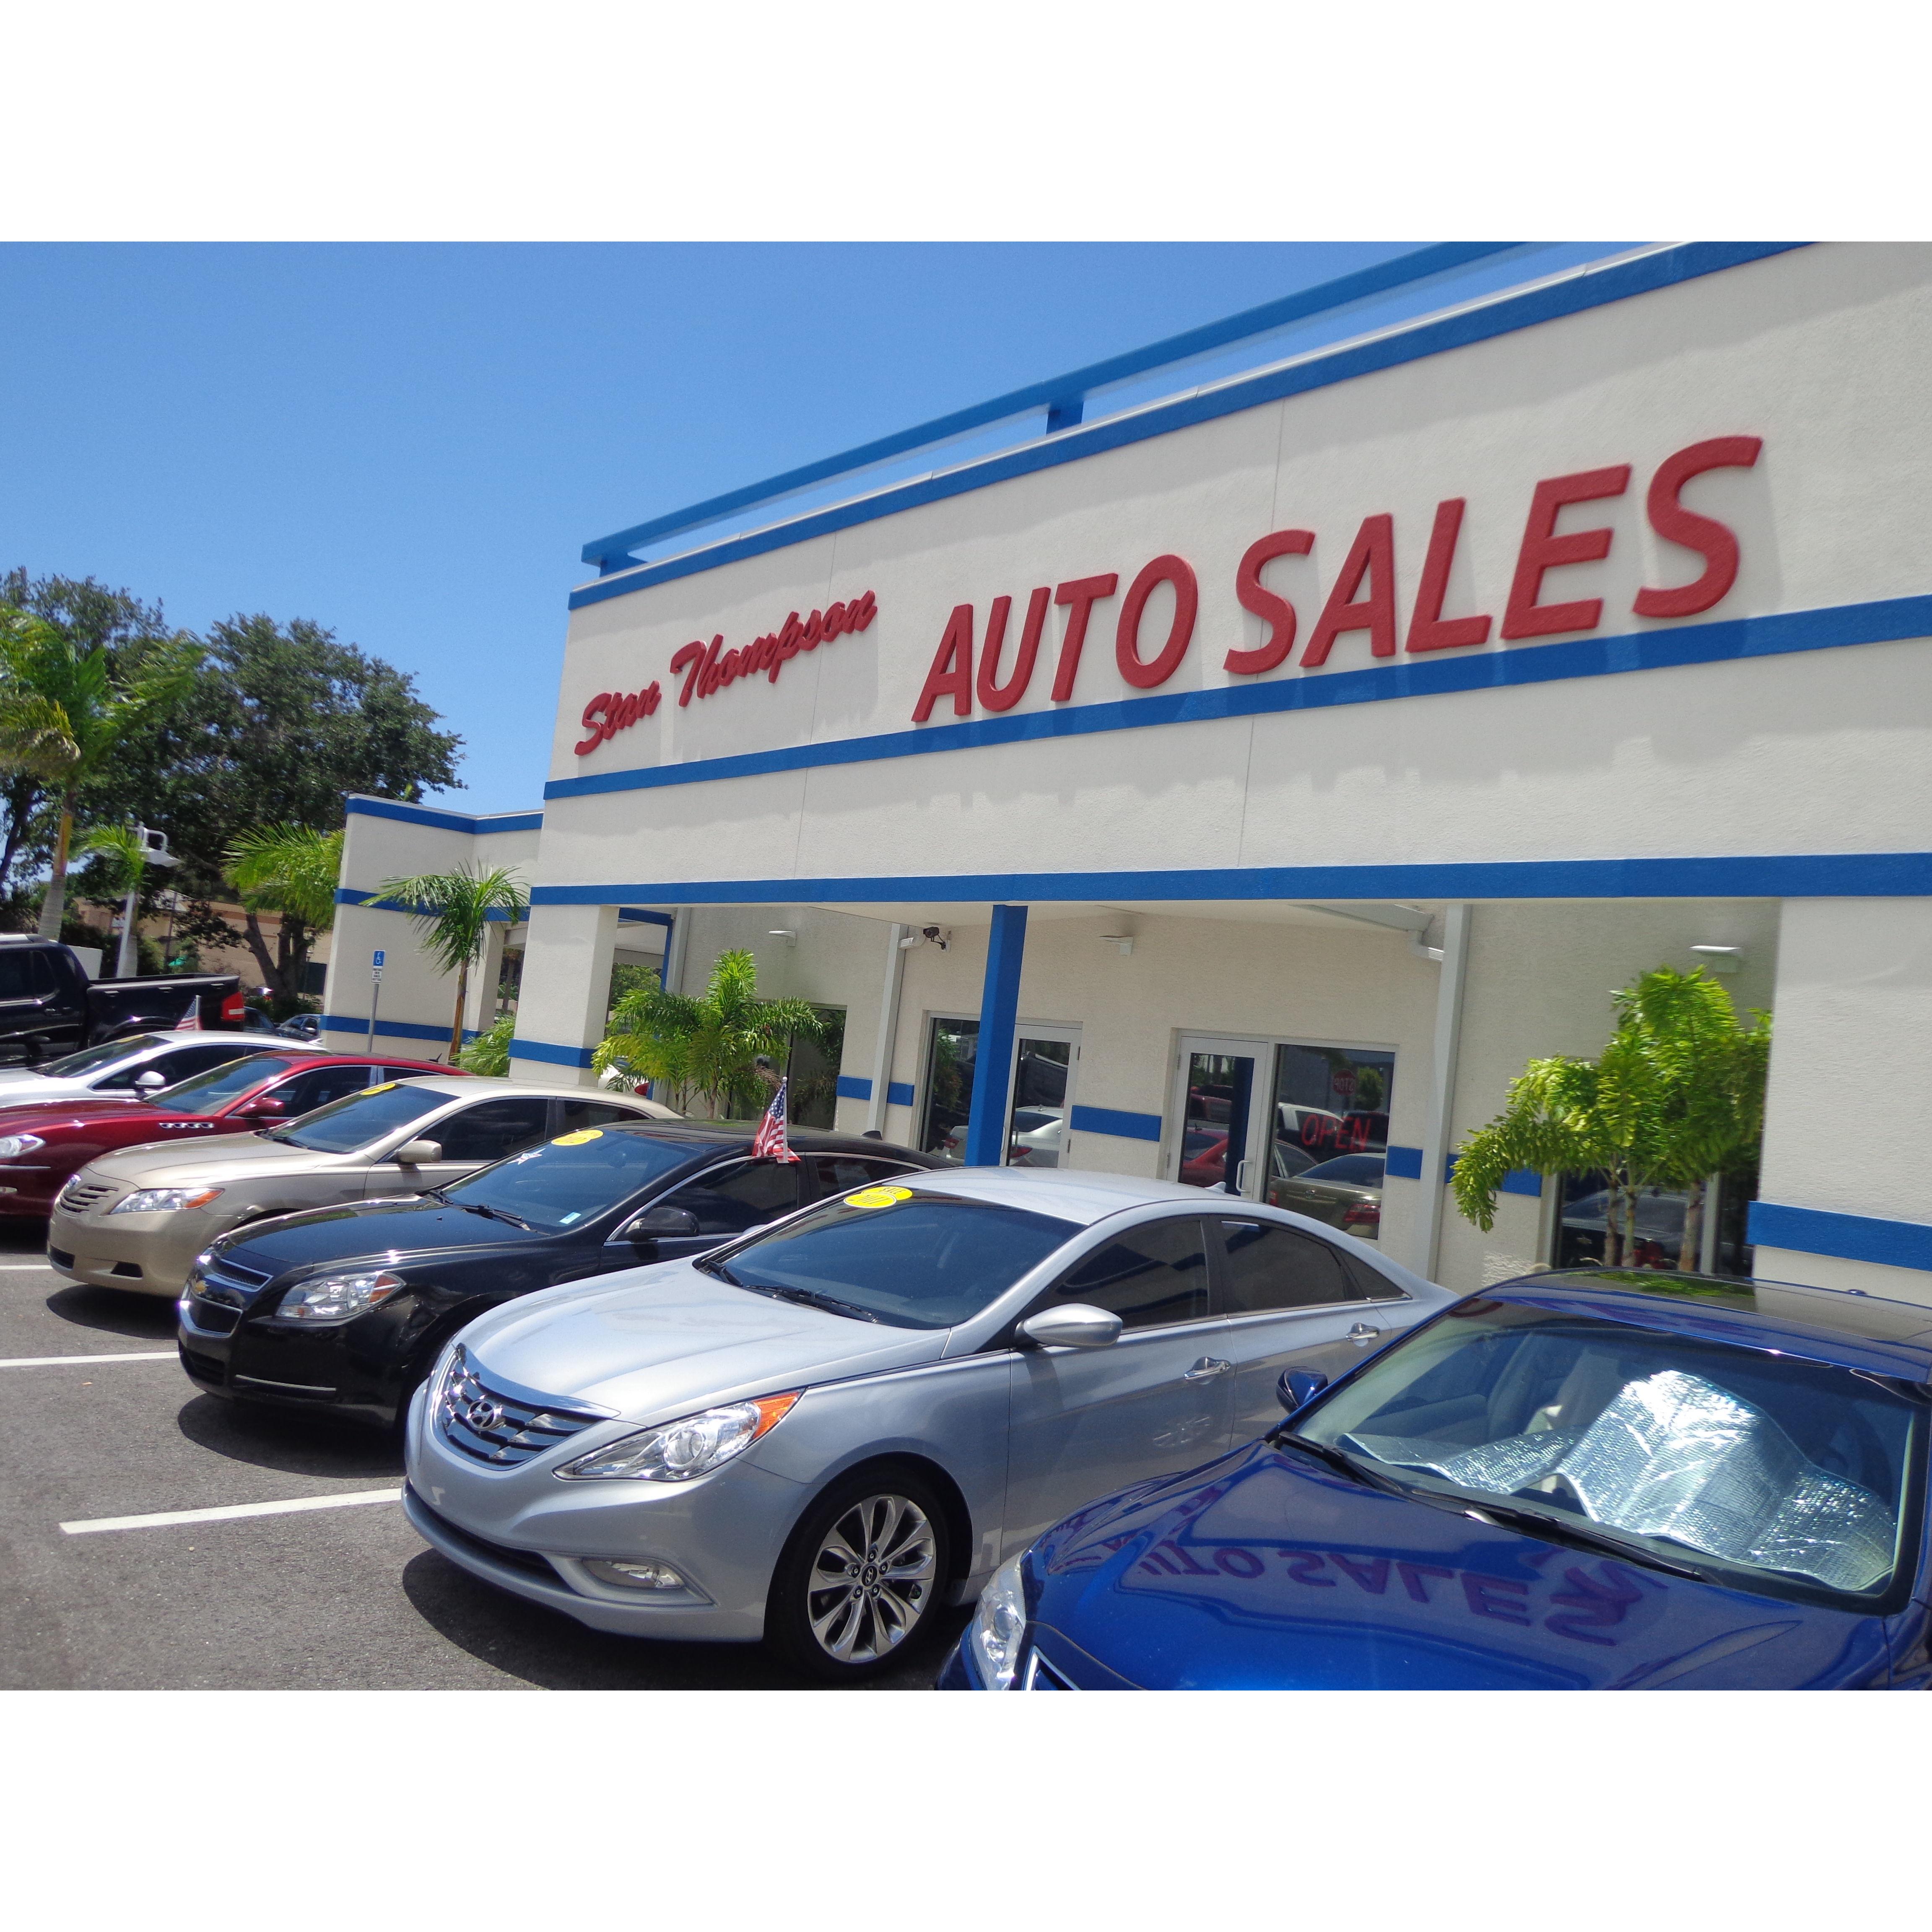 Stan Thompson Auto Sales